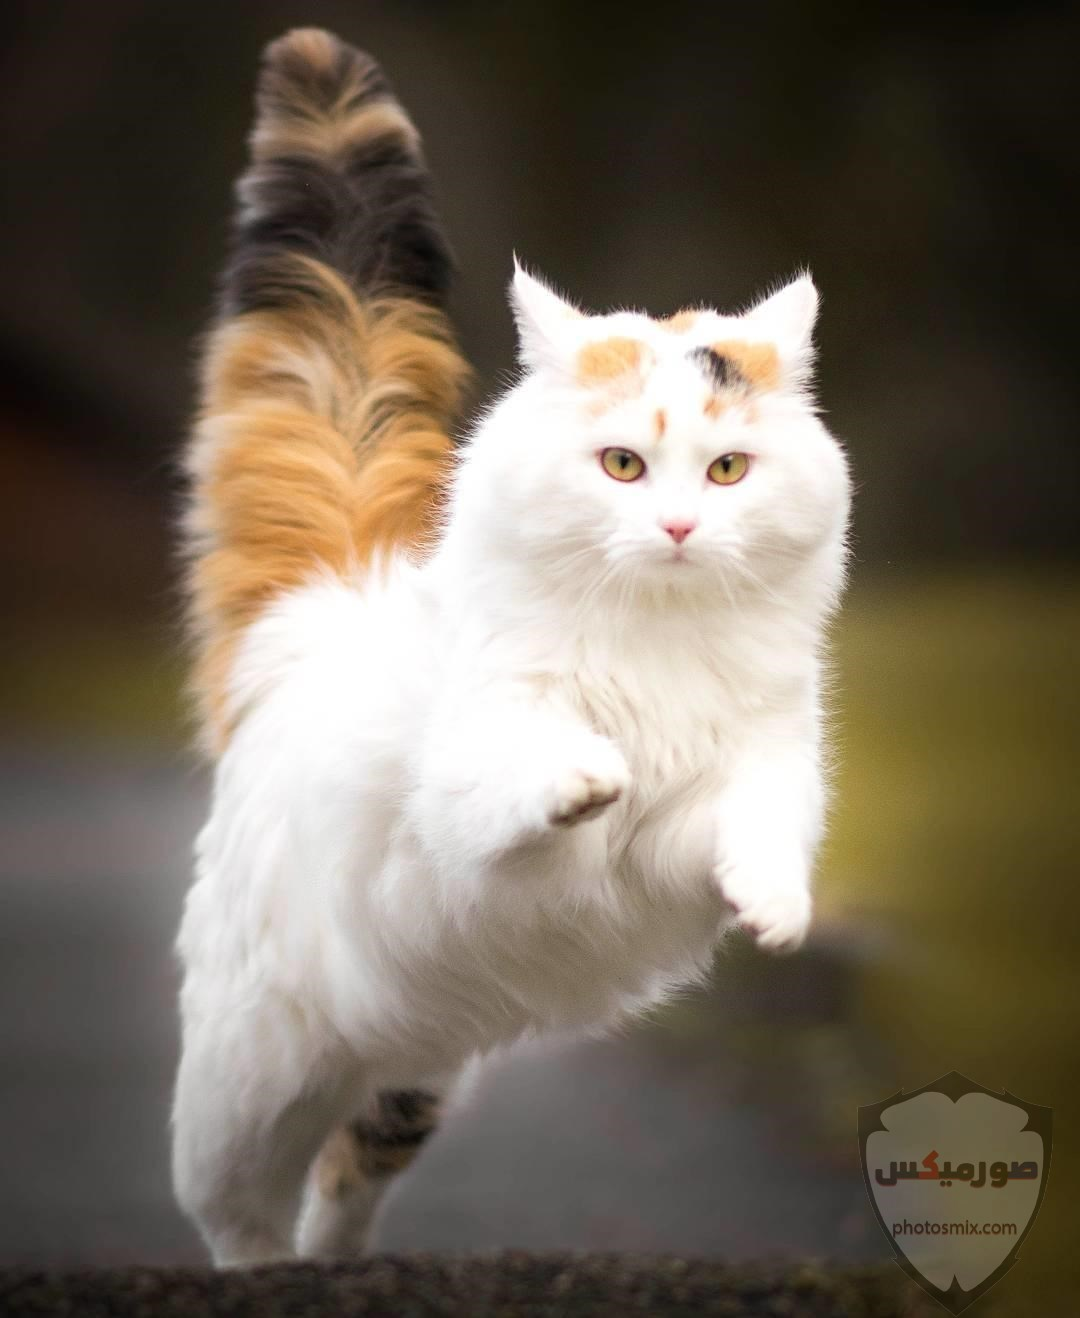 صور خلفيات رمزيات قطط كيوت صورة قطة كيوت جدا 58